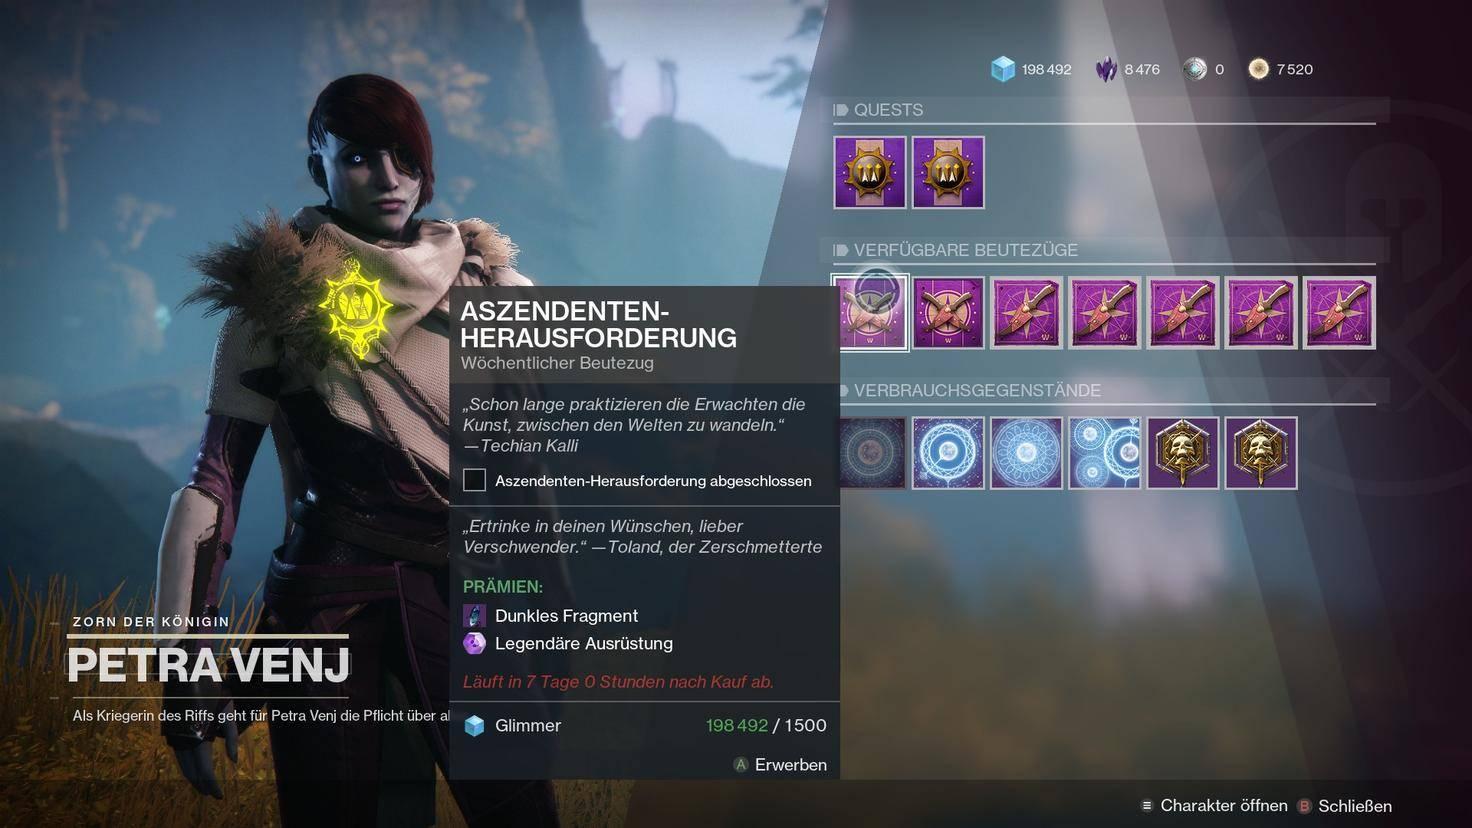 Destiny 2 Petra Venj Inventar